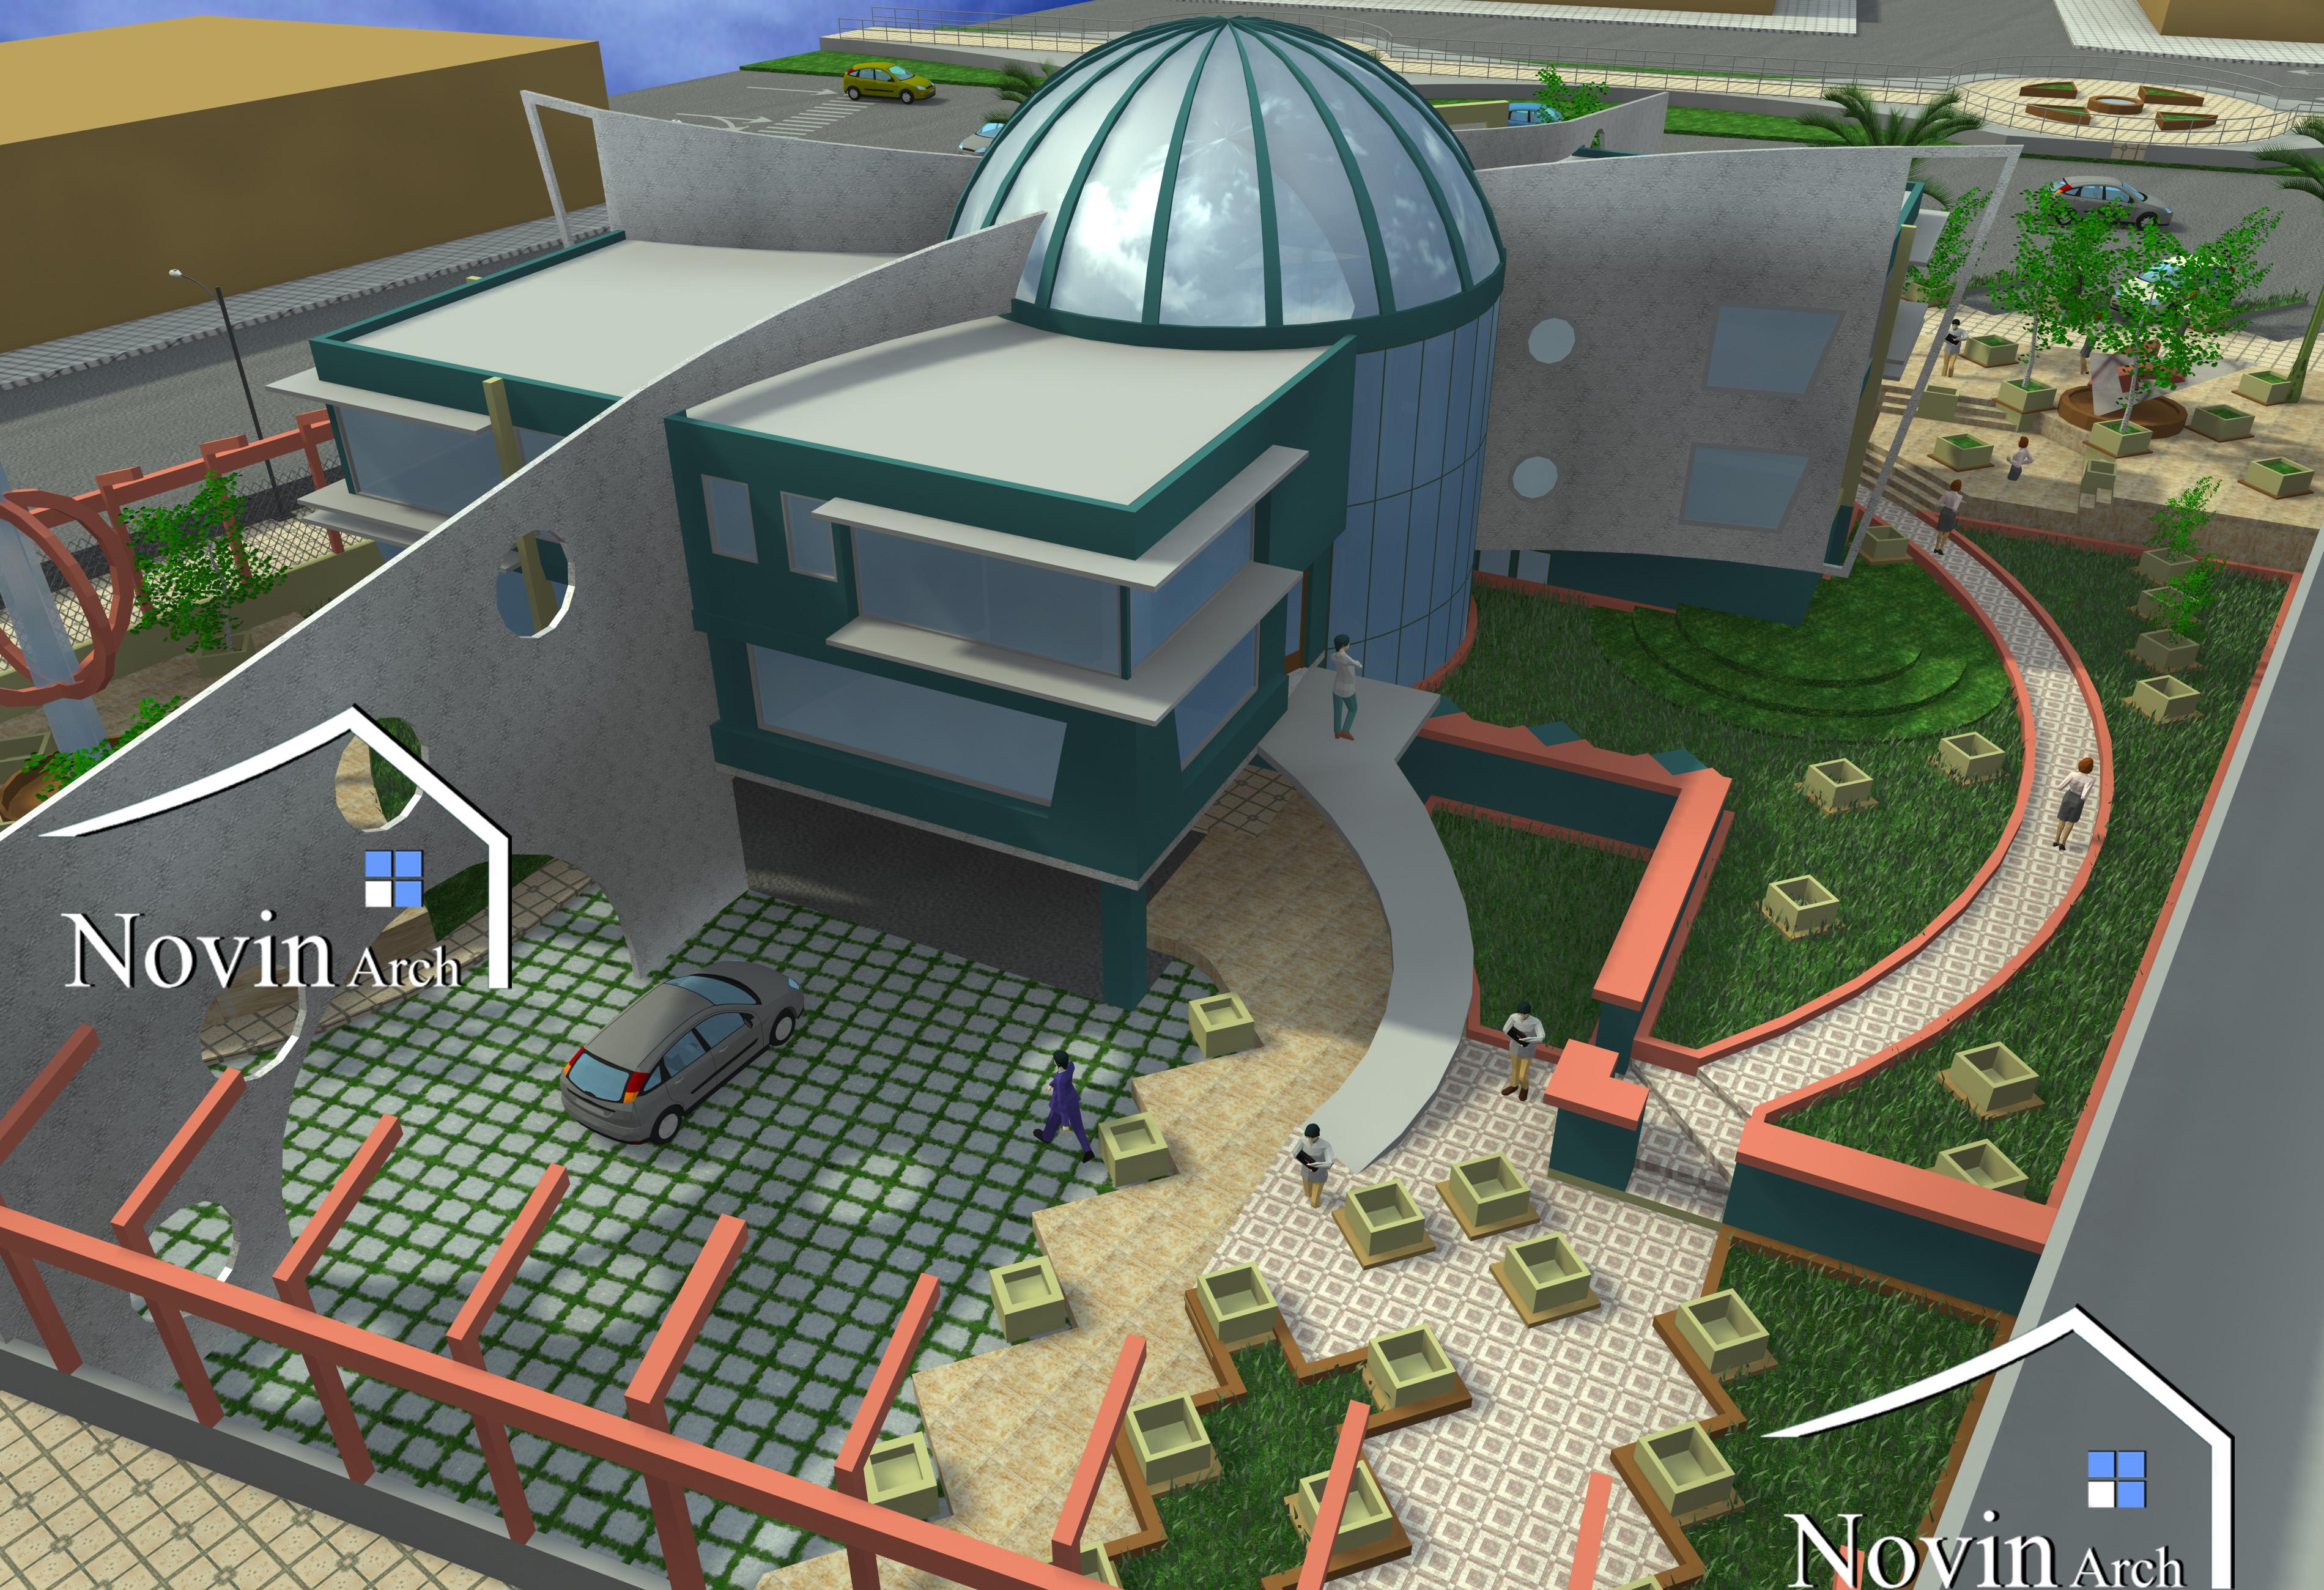 دانلود رایگان پروژه معماری مرکز مطالعات هواشناسی